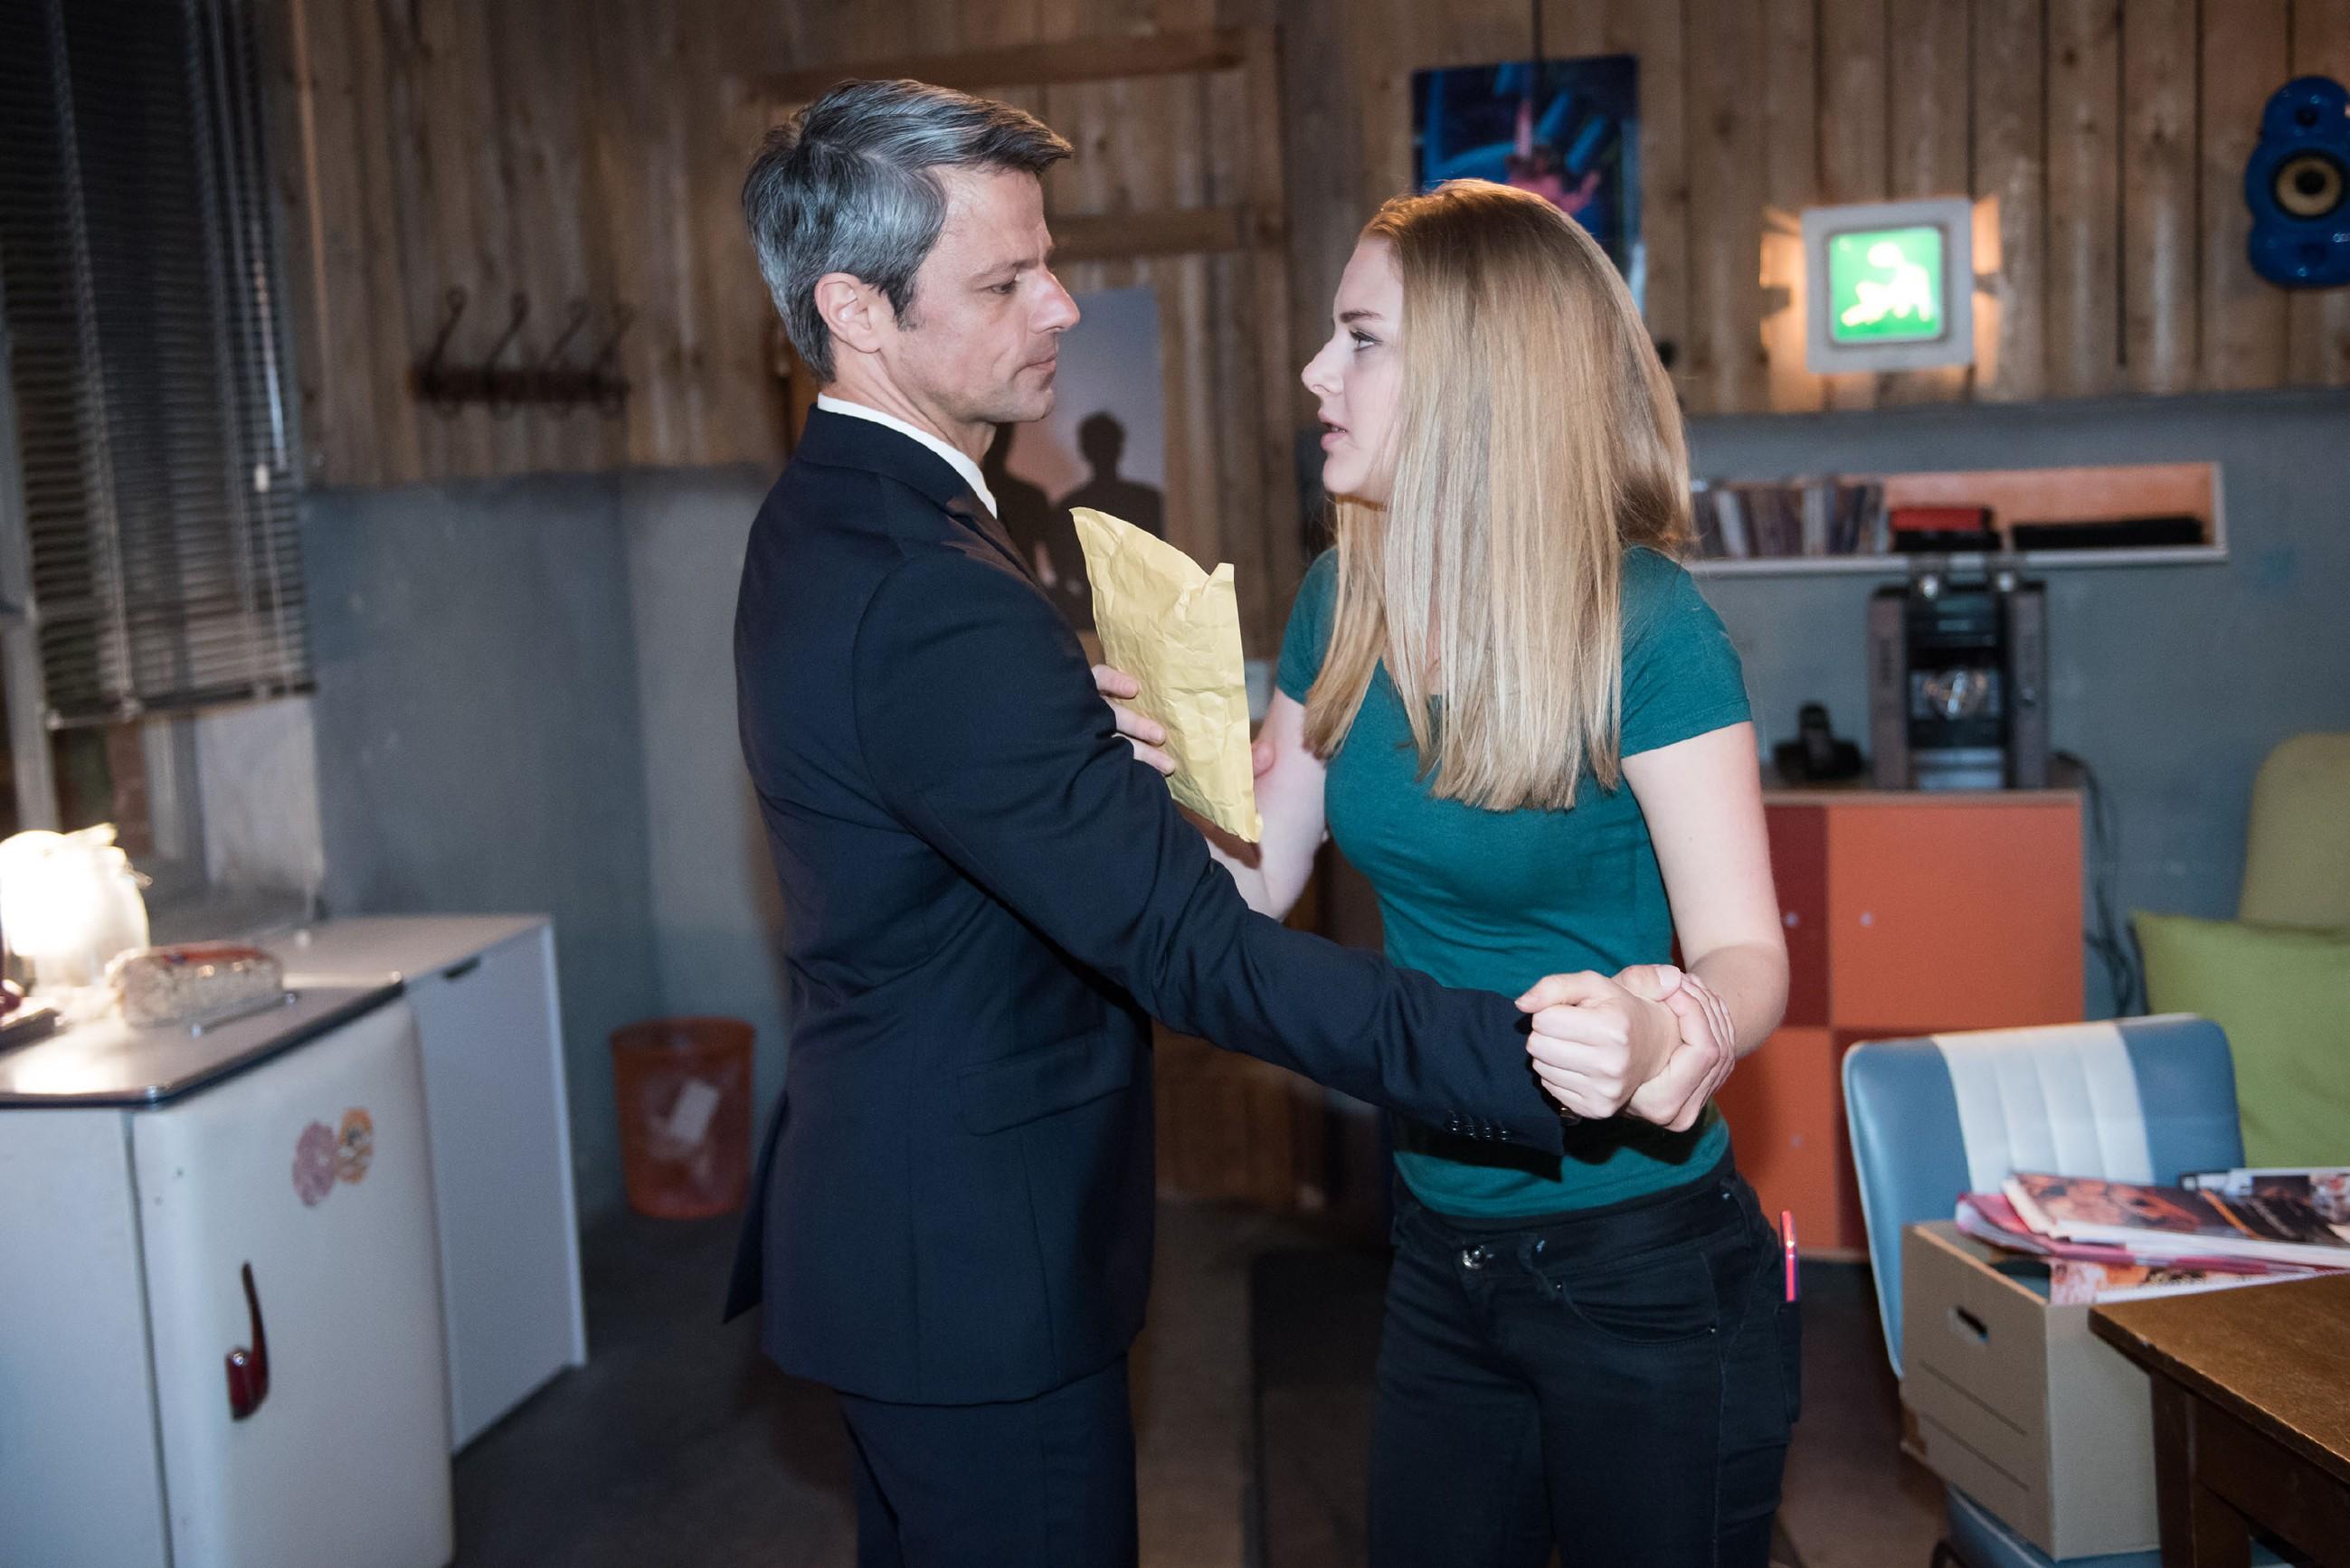 Als Fiona (Olivia Burkhart) sich weigert, Benedikt (Jens Hajek) die belastende Aufnahme seiner Intrige gegen Paffrath auszuhändigen, kommt es zu einem Gerangel mit unbeabsichtigten Folgen... (Quelle: RTL / Stefan Behrens)